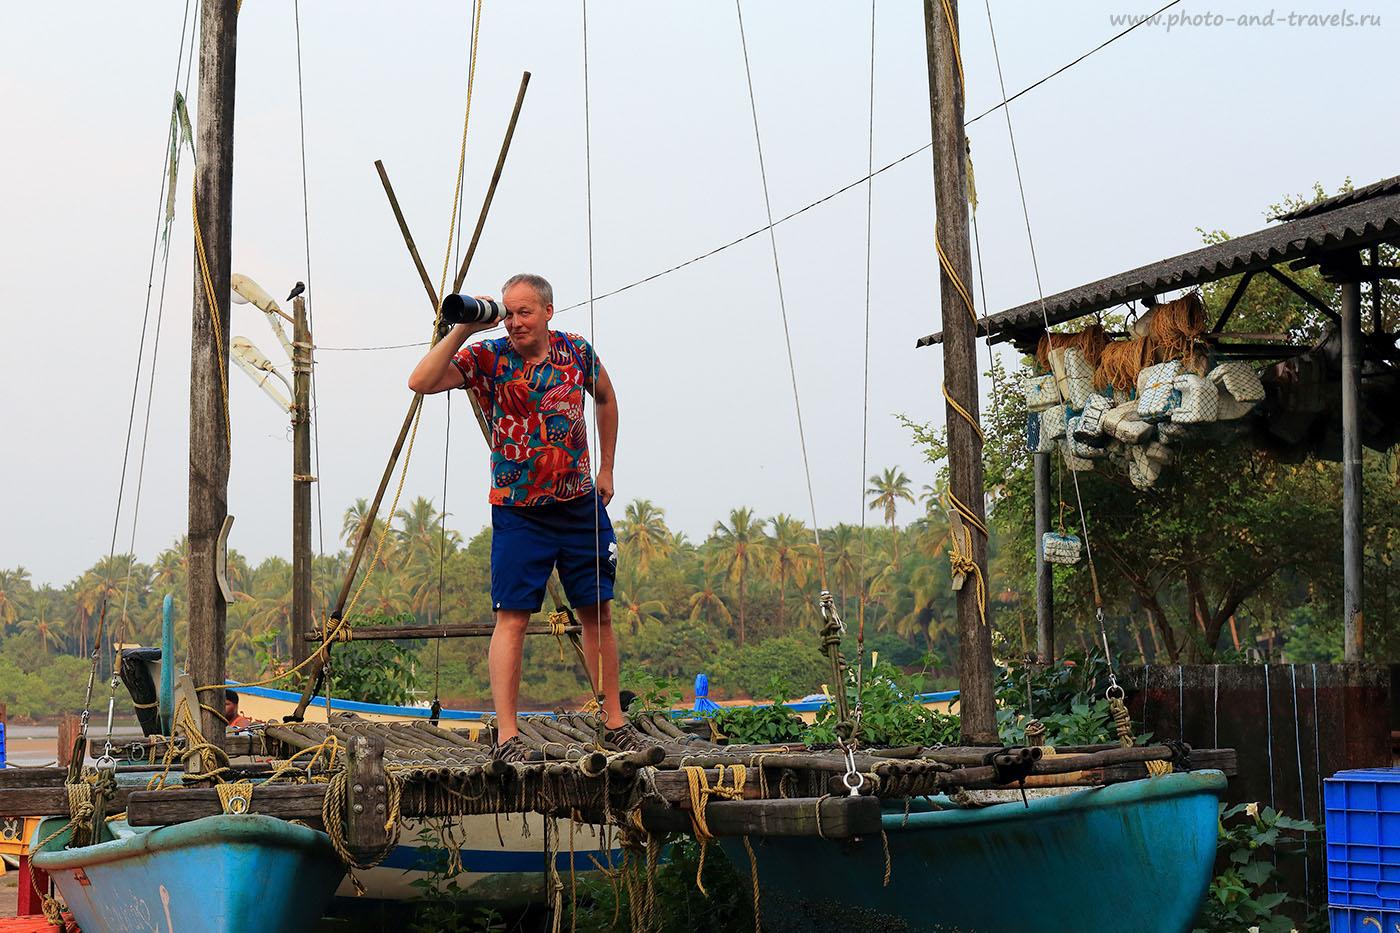 Фото 12. Пират. Отдых в Южном Гоа в октябре. Рассказы туристов о поездке в Индию самостоятельно (24-70, 1/200, 1eV, f9, 70mm, ISO 400)